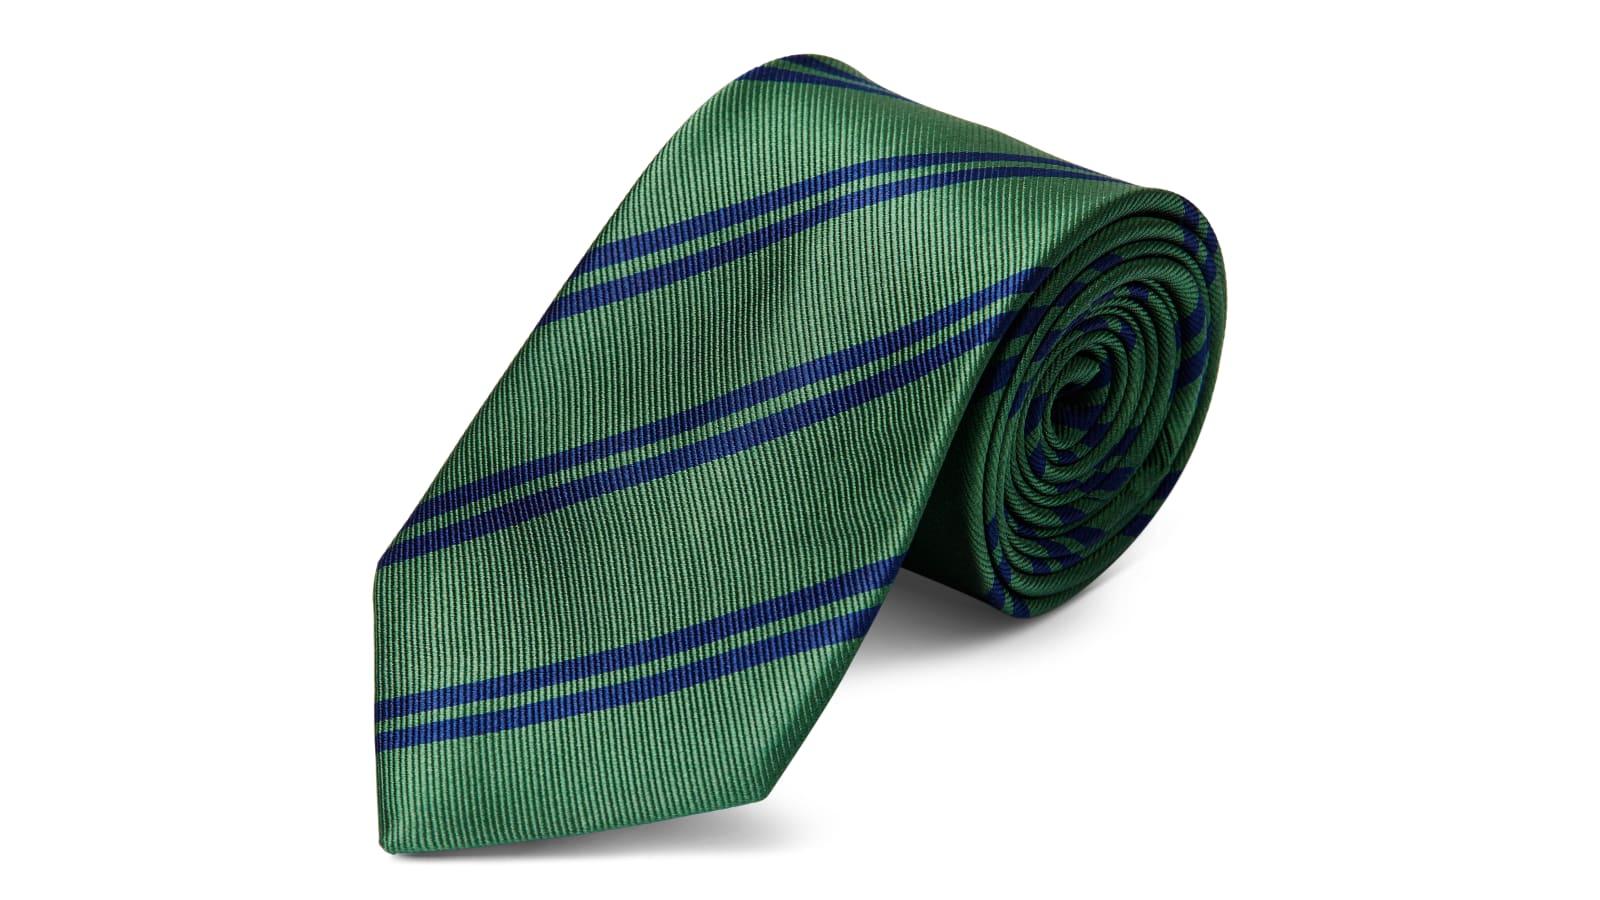 9f629b65db76ee Cravate en soie à rayures vertes et bleu marine - 8 cm | Port gratuit | TND  Basics